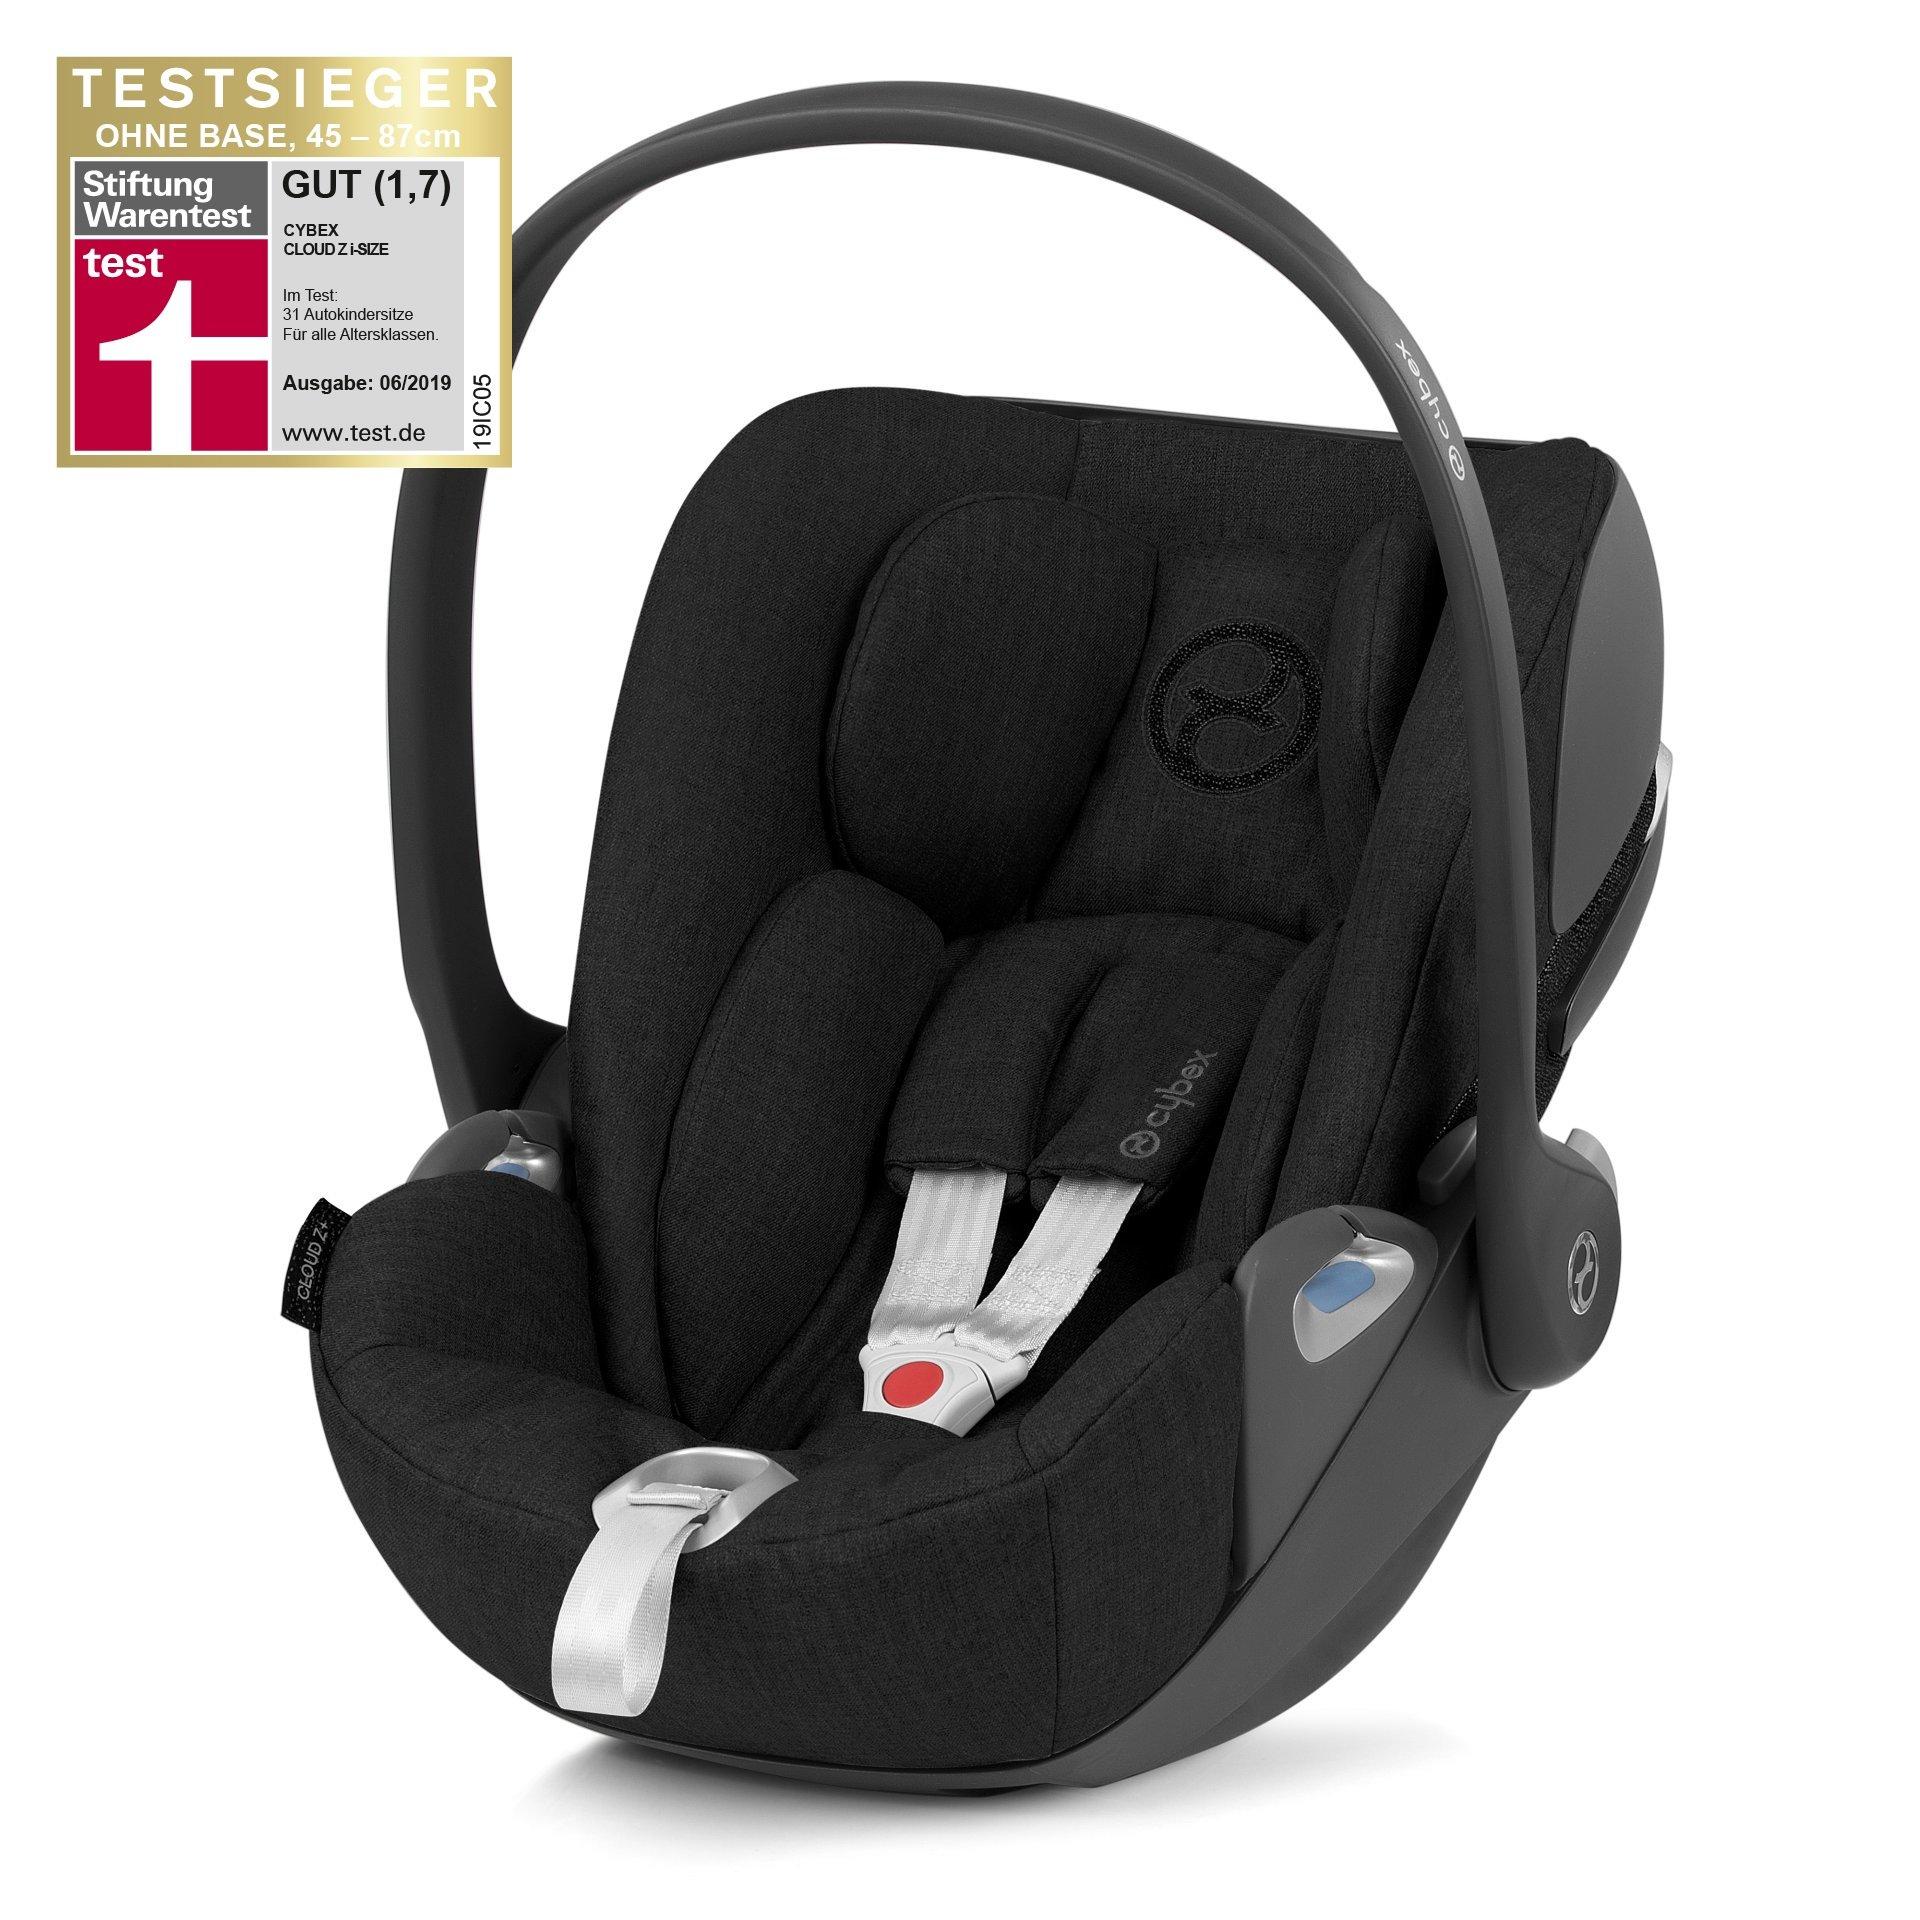 Cybex Cloud Z I-Size Deep Black Bērnu autosēdeklis 0-13 kg